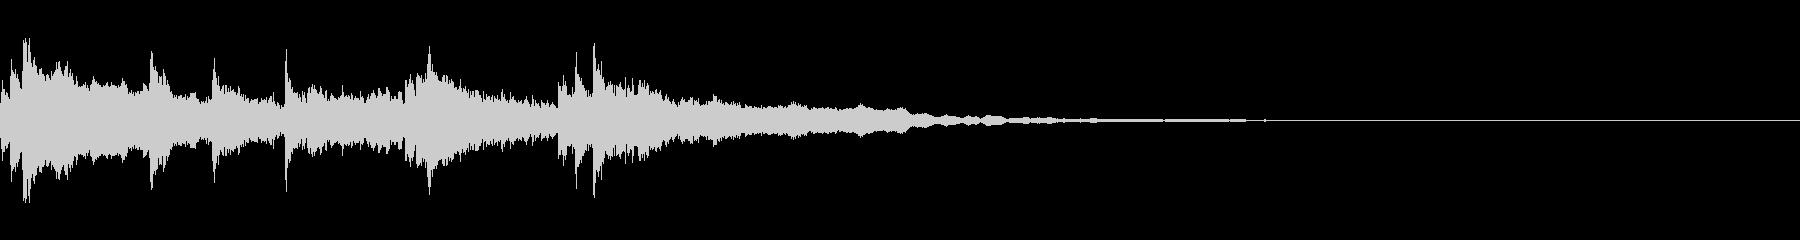 怪しいシンプルなハロウィンのジングルの未再生の波形